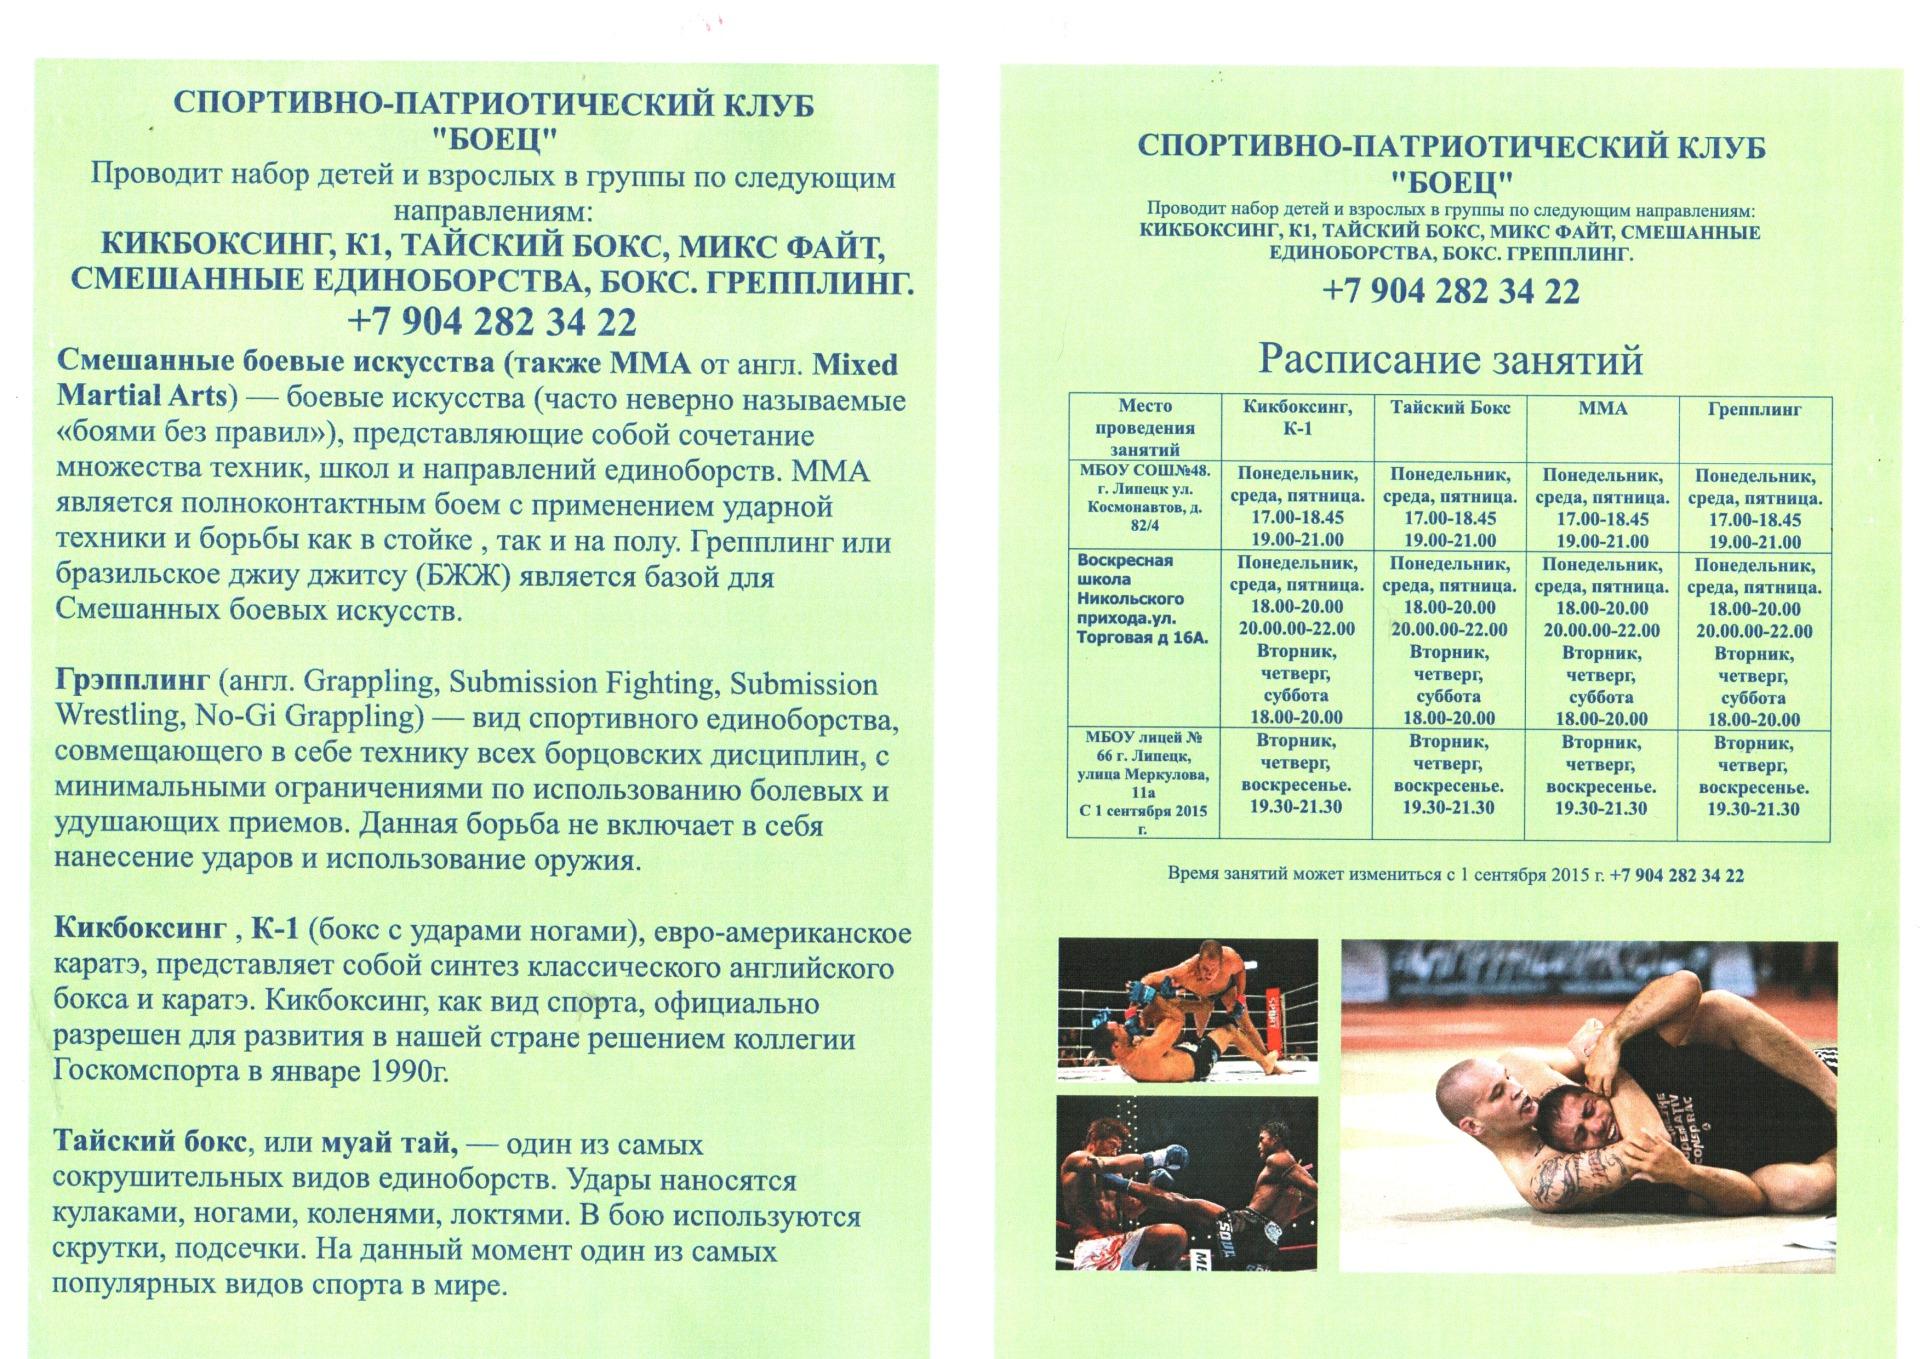 Расписание занятий в клубе Боец